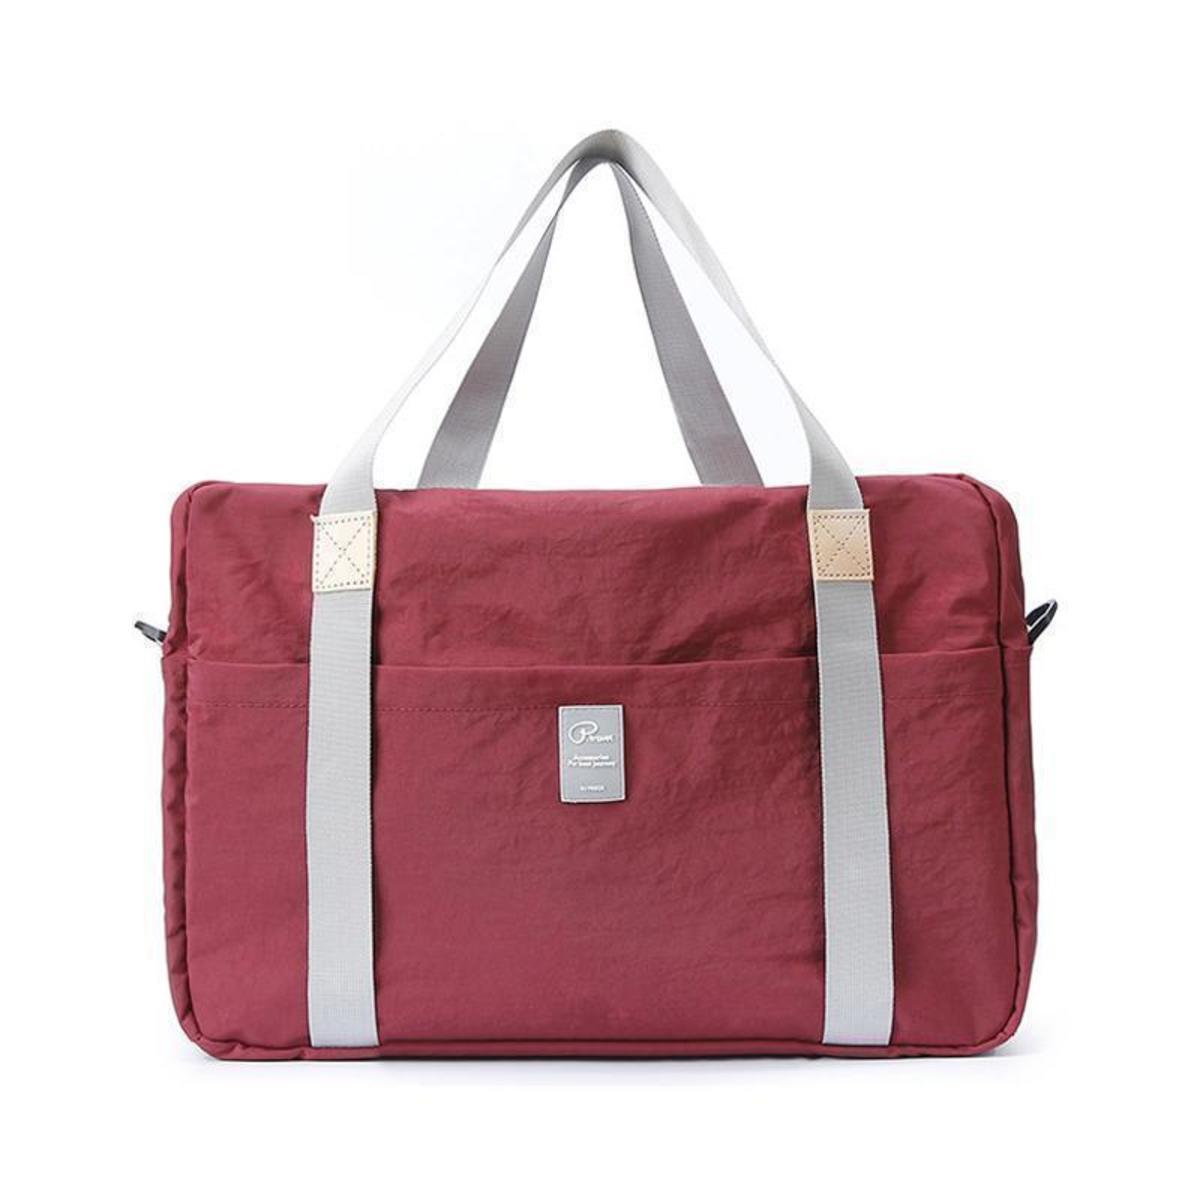 尼龍防水摺疊式旅行收納袋 行李袋 - 酒紅色